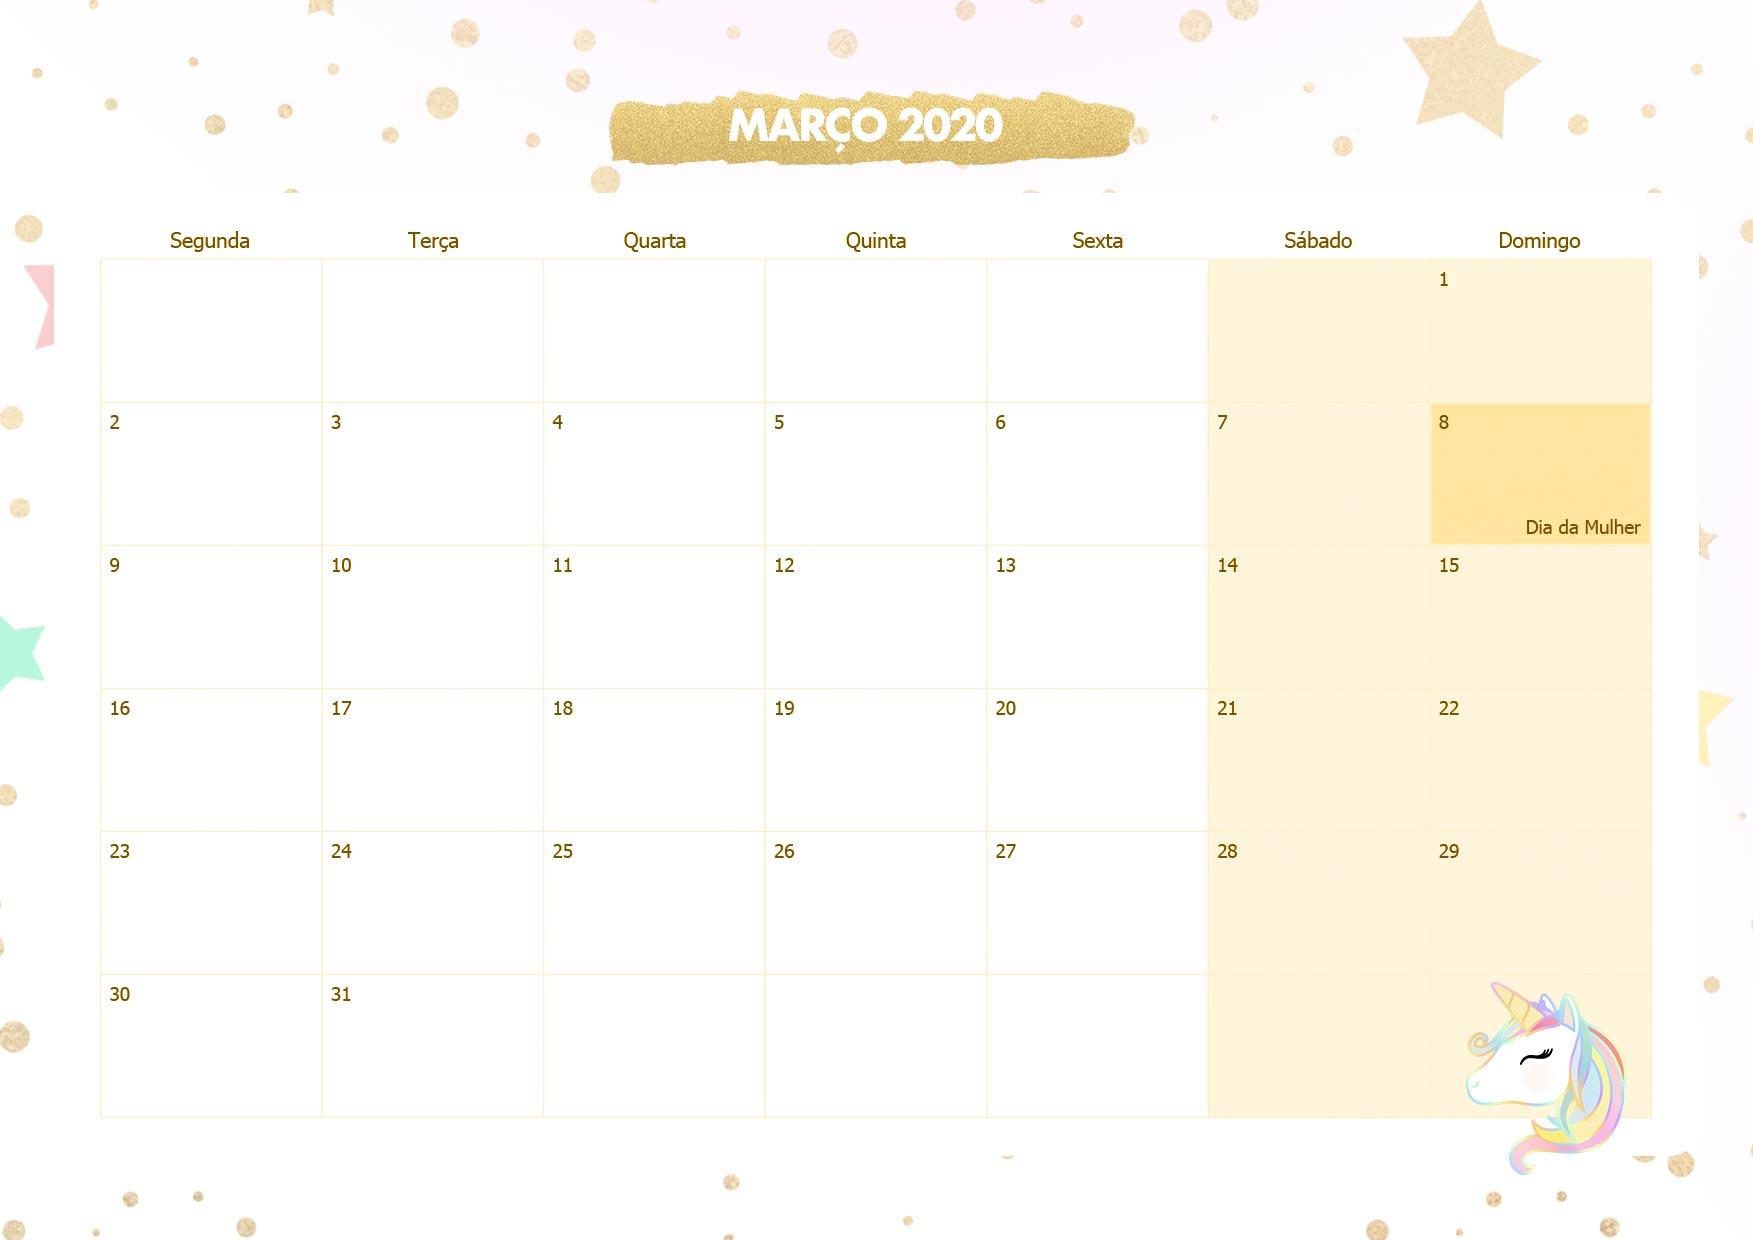 Calendario Mensal Unicornio Dourado Marco 2020